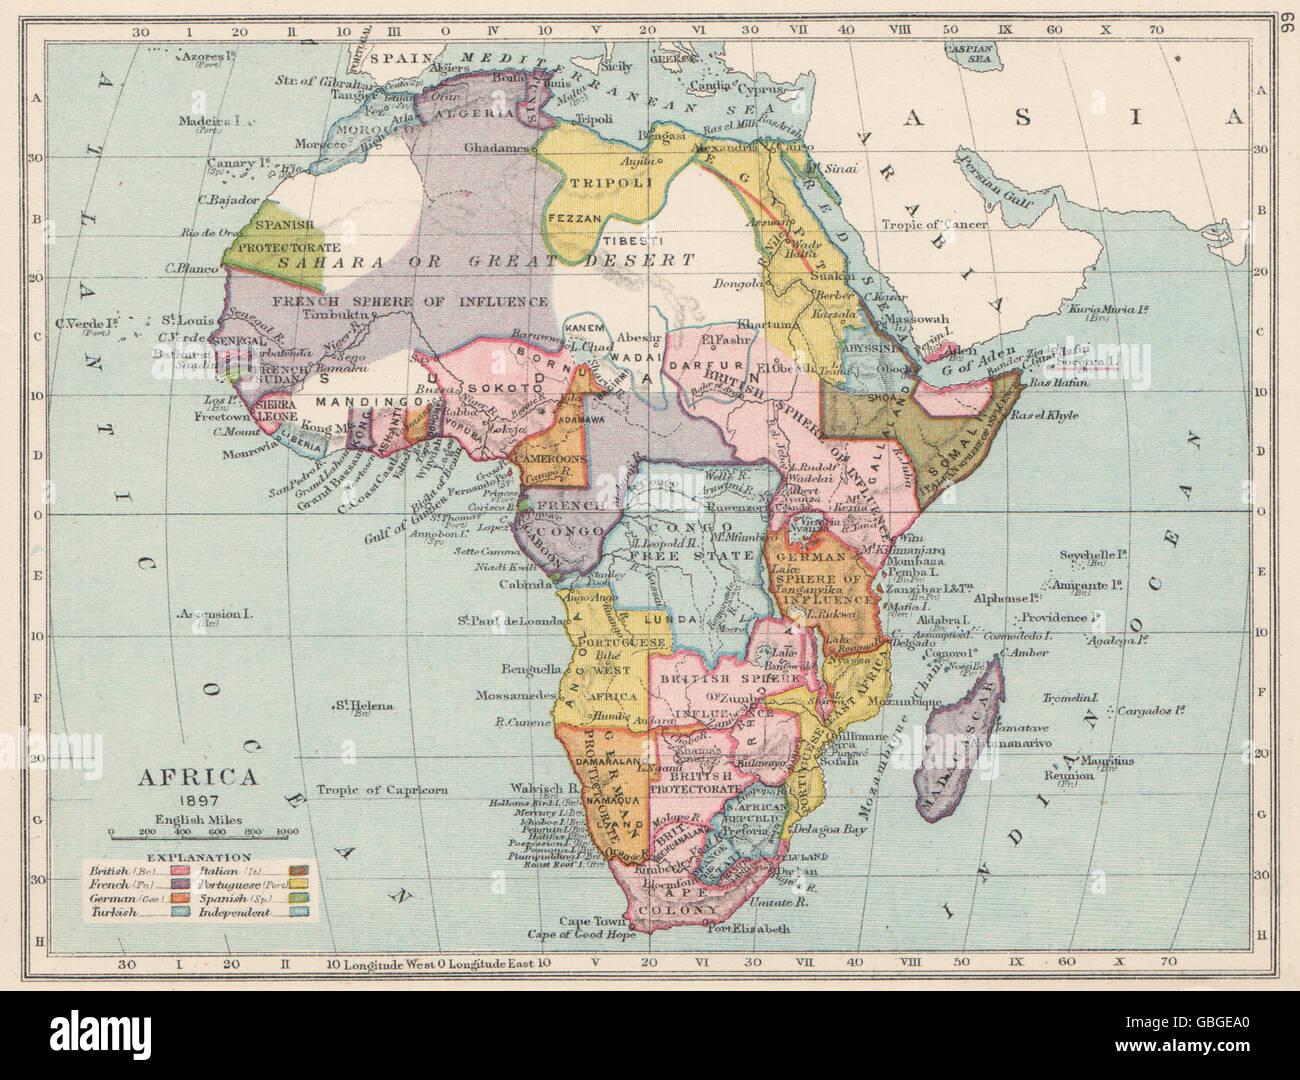 Karte Afrika Kolonien.Kolonialen Afrika 1897 Zeigt Kolonien Einflussspharen